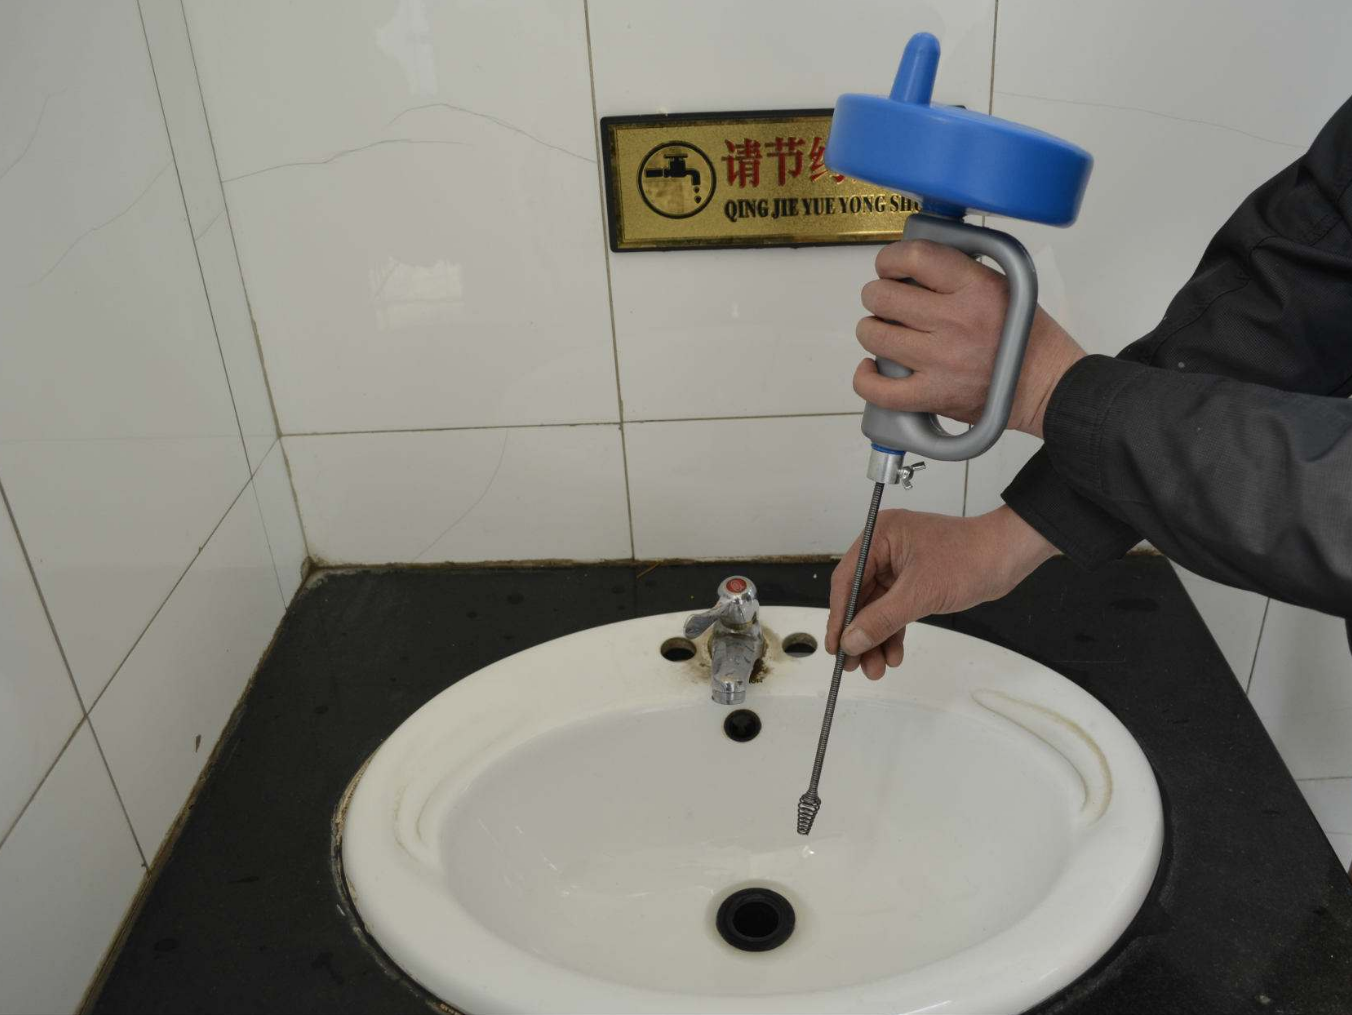 太康县水电安装,水电维修,灯具安装,疏通下水道,疏通马桶